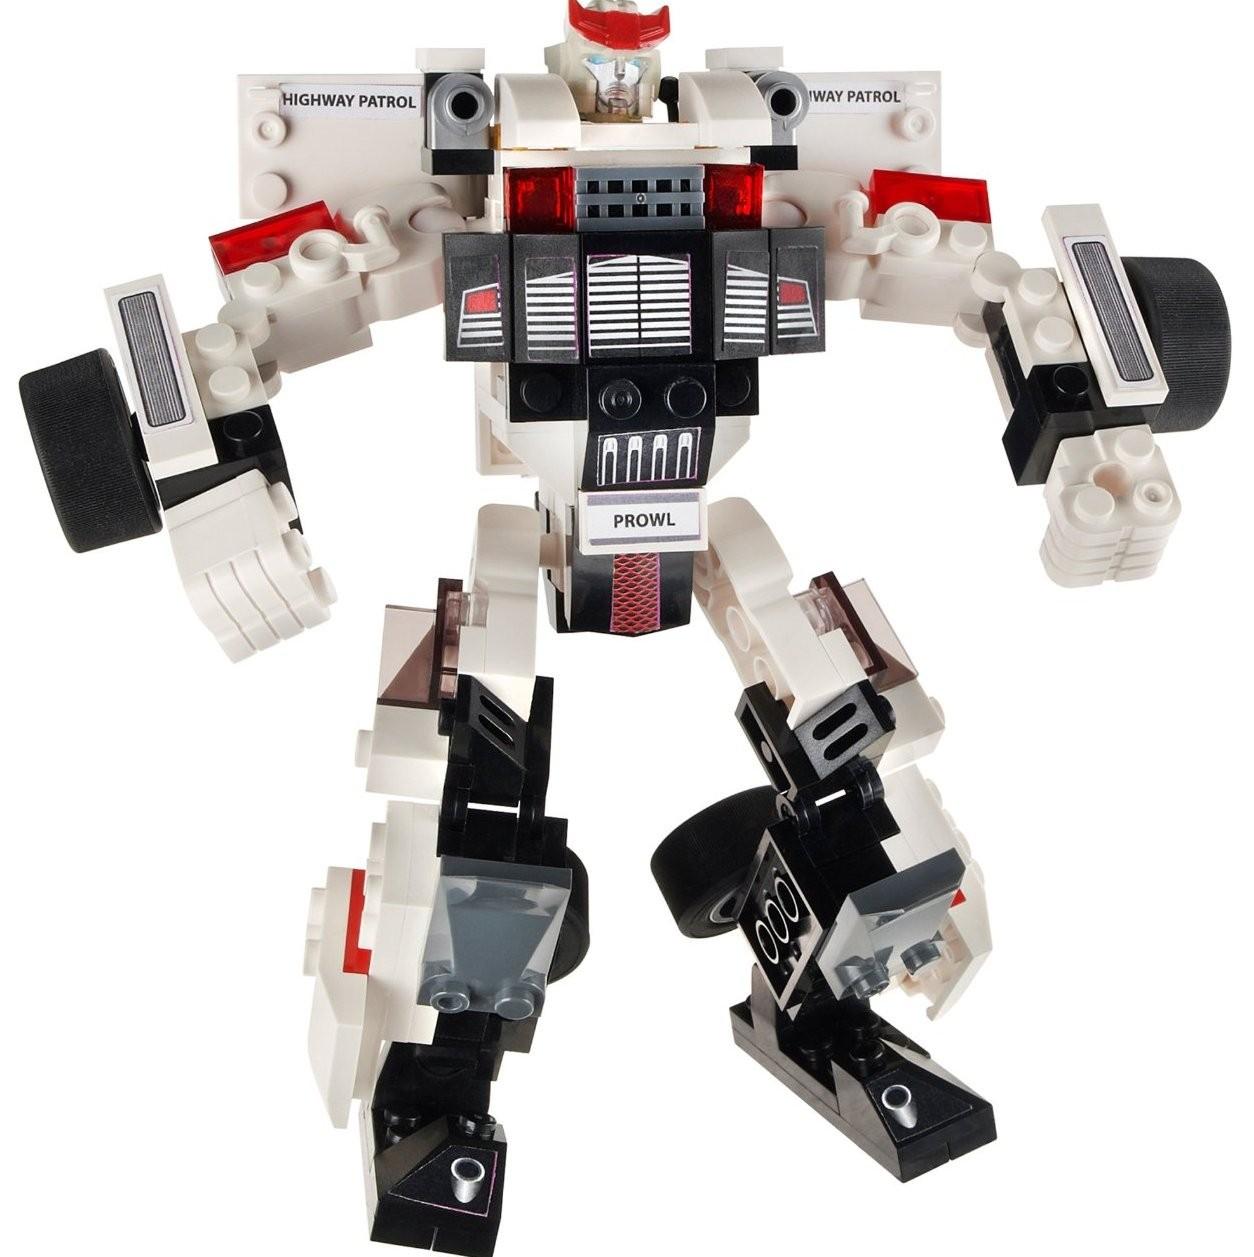 В набор входят мини-фигурки полицейского и робота-трансформера Prowl.